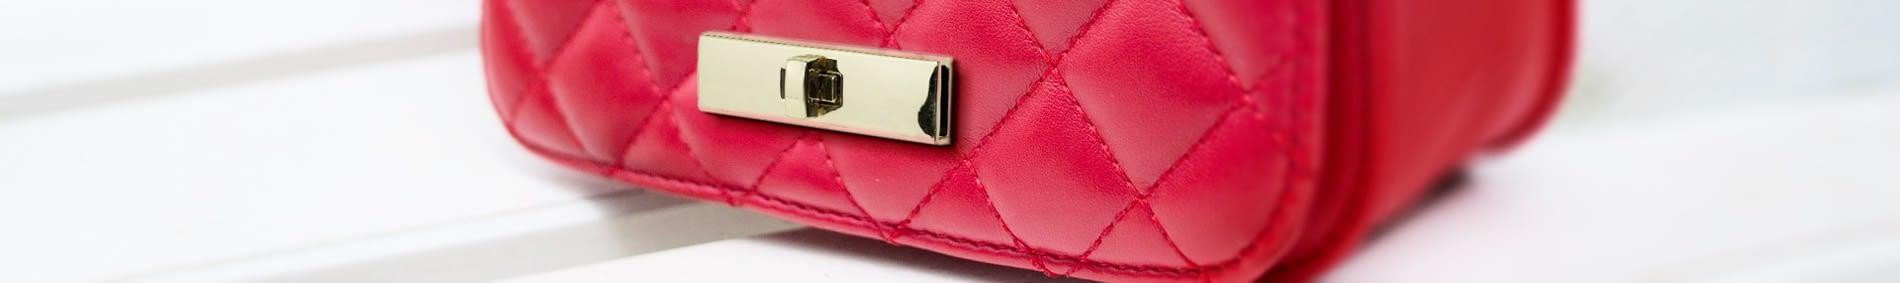 handbag_1900-283